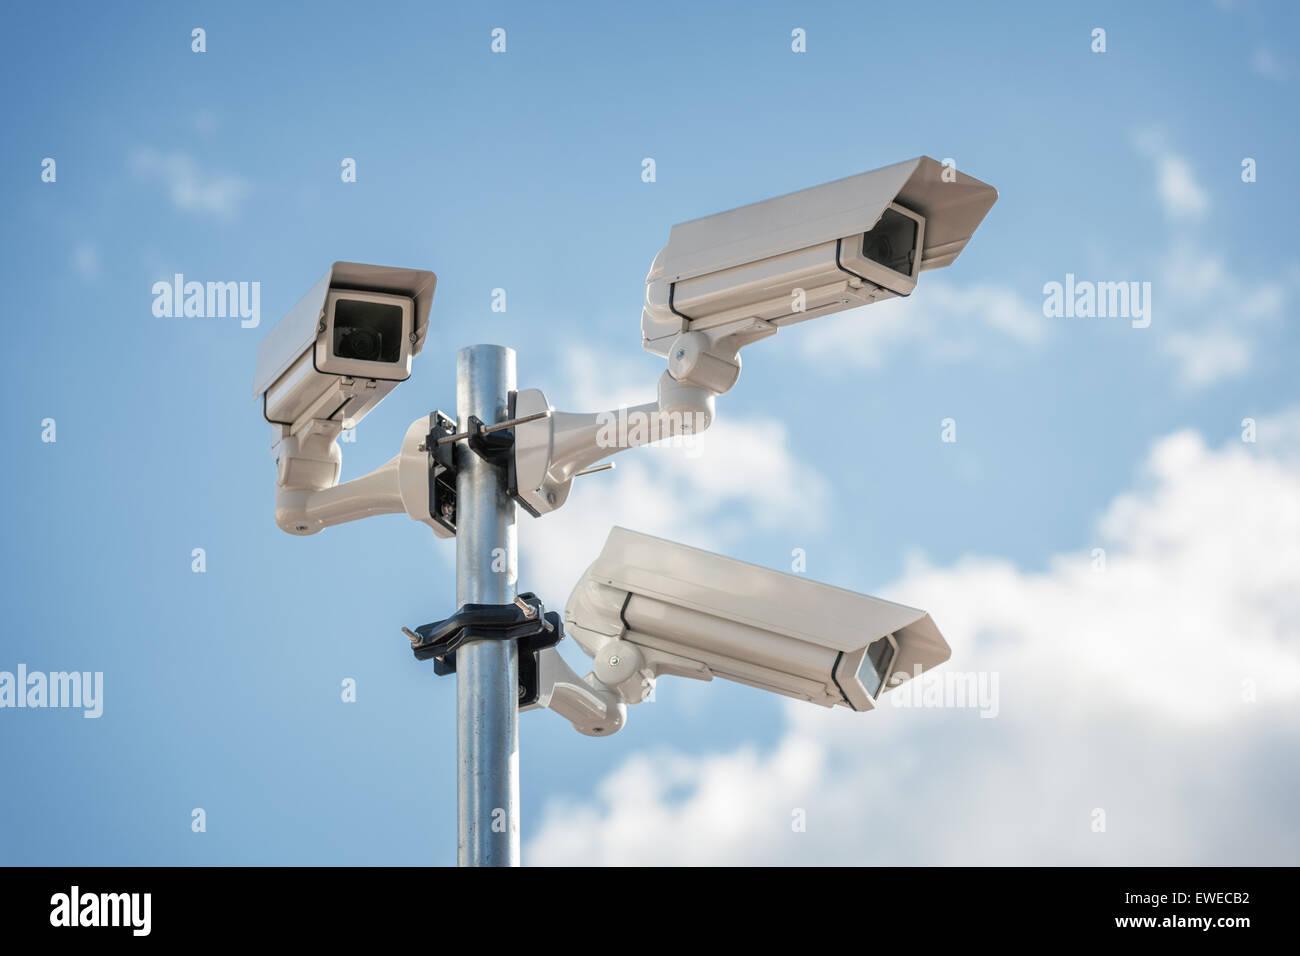 Cámara de vigilancia CCTV de seguridad Imagen De Stock